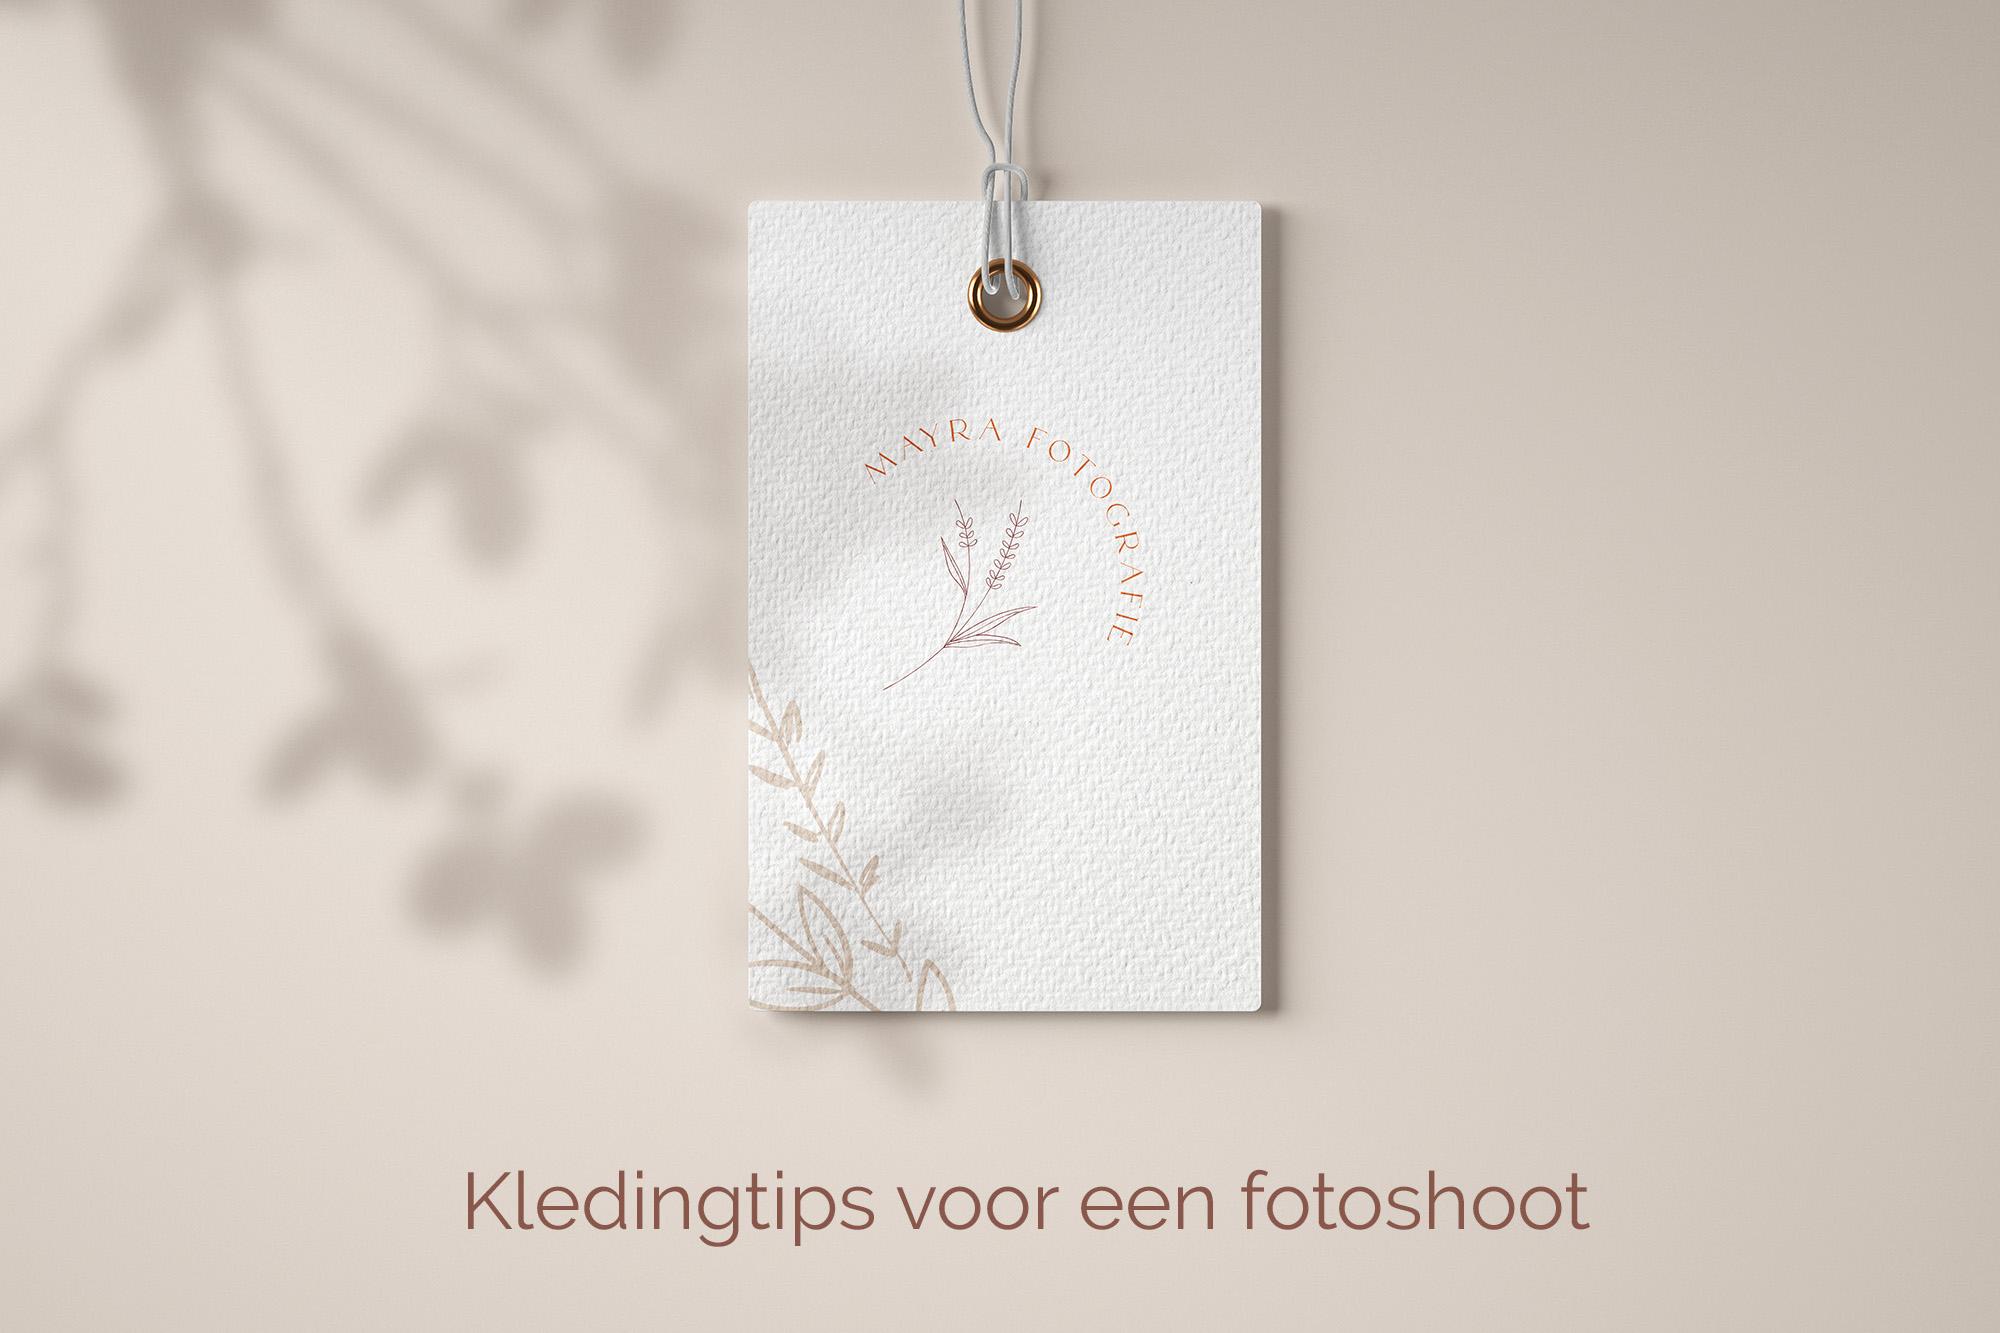 Kledingtips voor een fotoshoot door Mayra Fotografie. Fotograaf Amersfoort en omgeving.